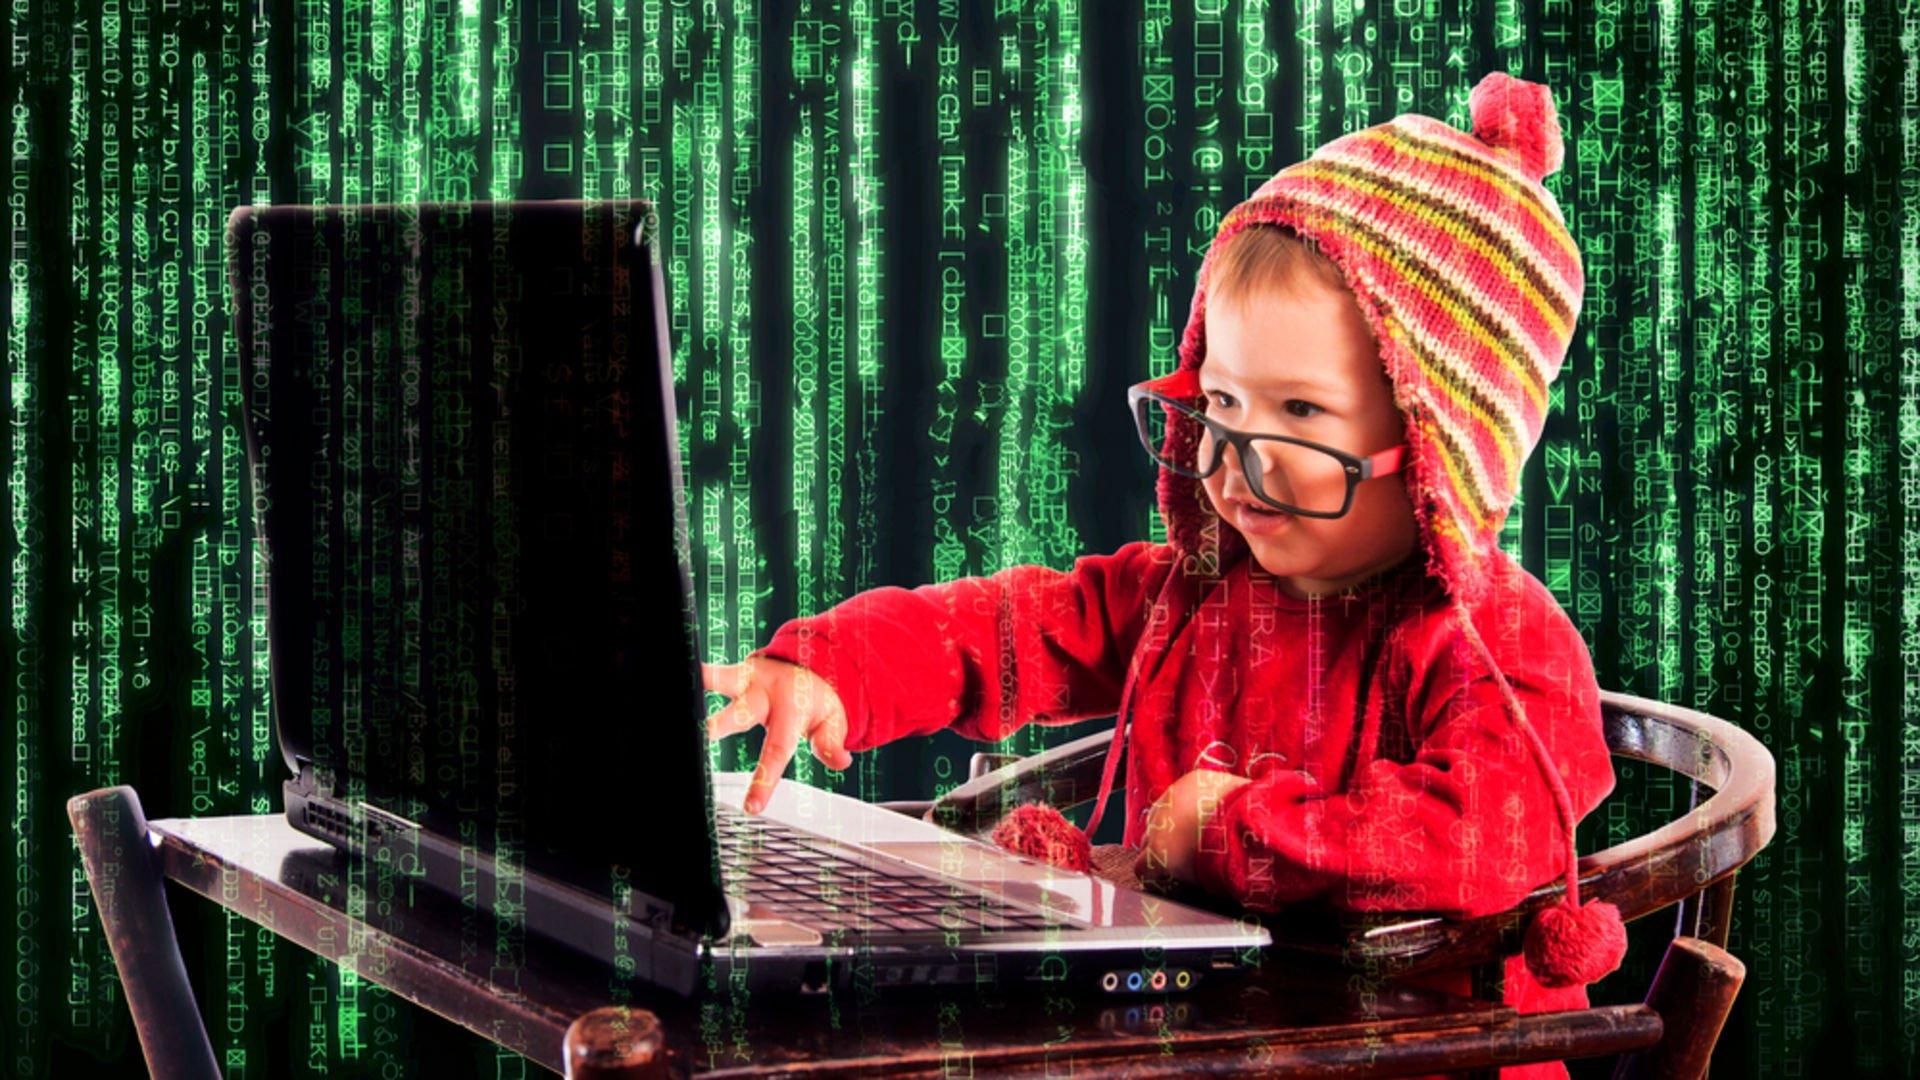 Küçük yaşta kodlama eğitimi neden önemli?